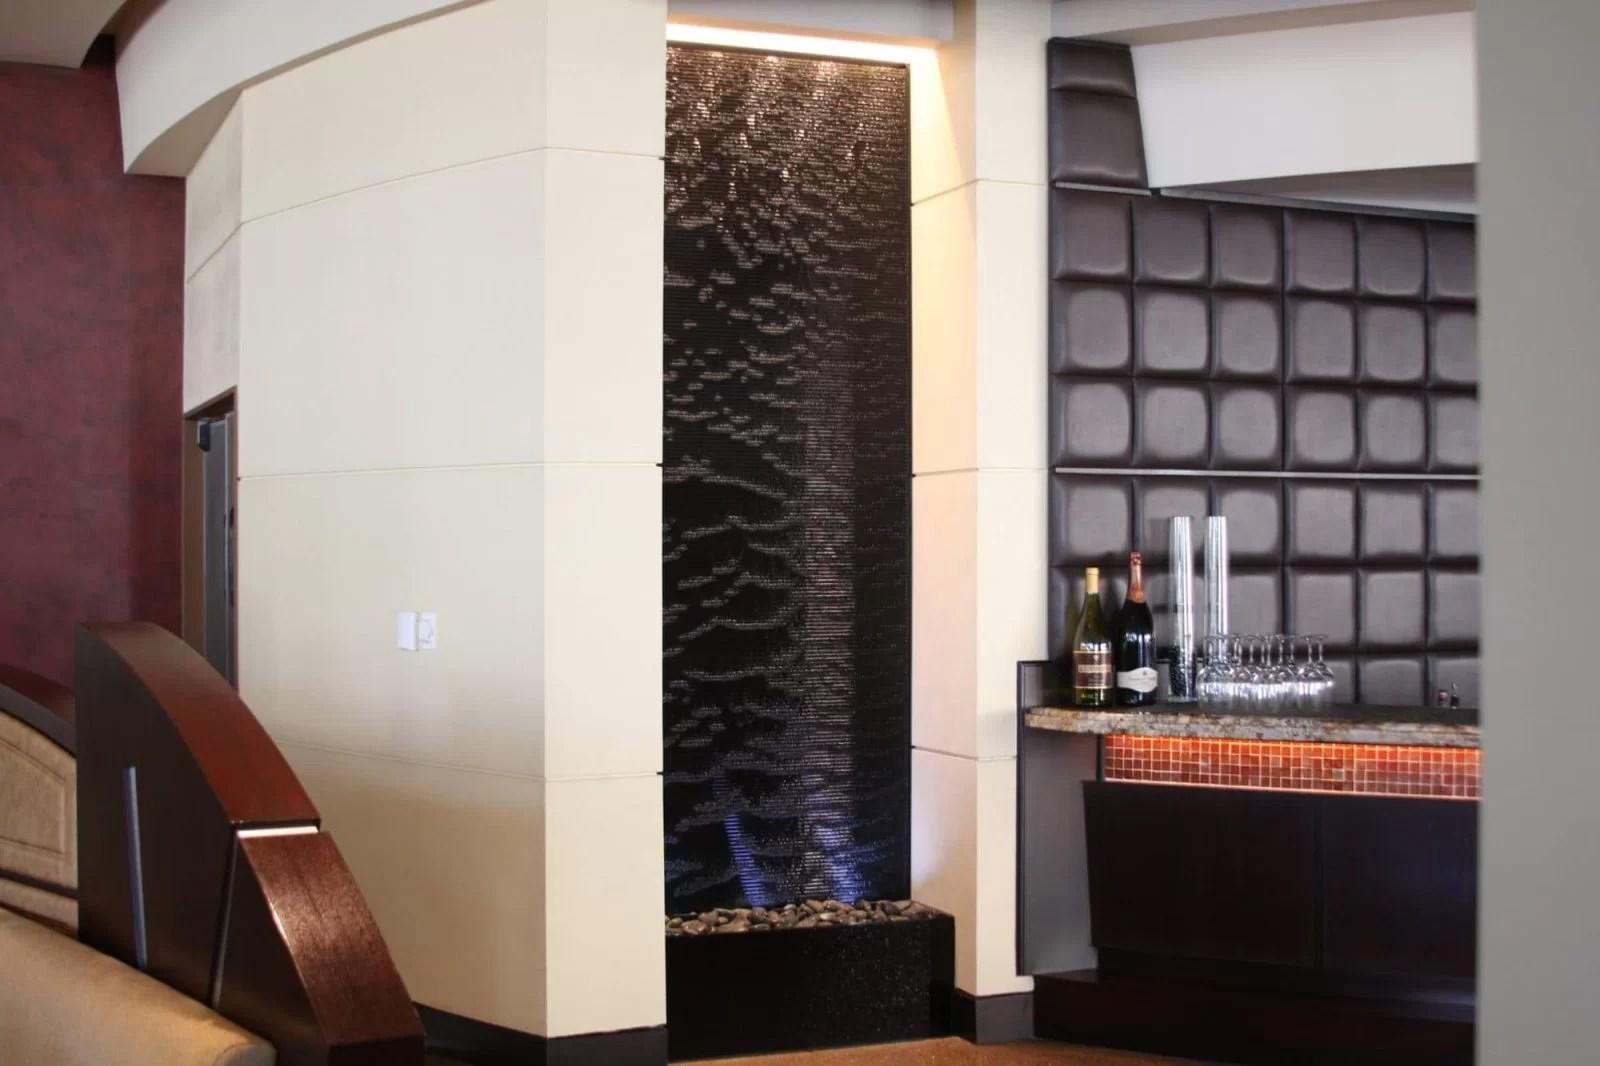 Sheraton Hotel Pheonix AZ black scored acrylic water wall